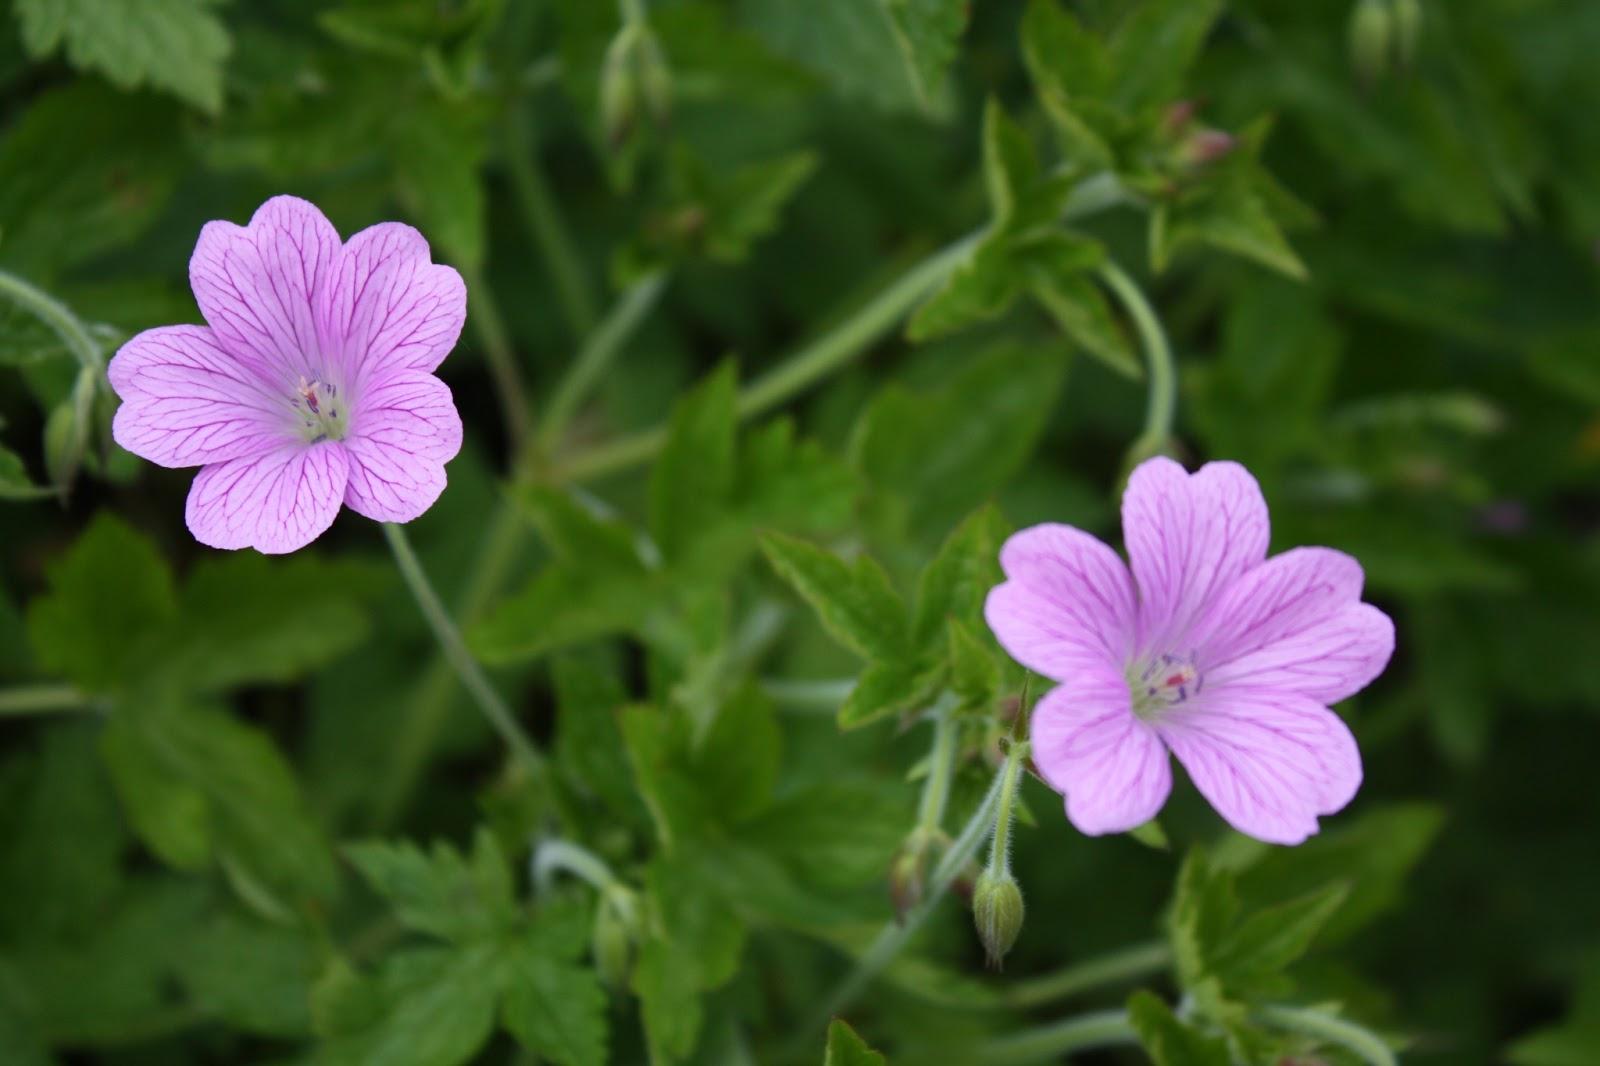 Le jardin traversiere les geraniums vivaces de mon jardin - Beau jardin rose and geranium ...